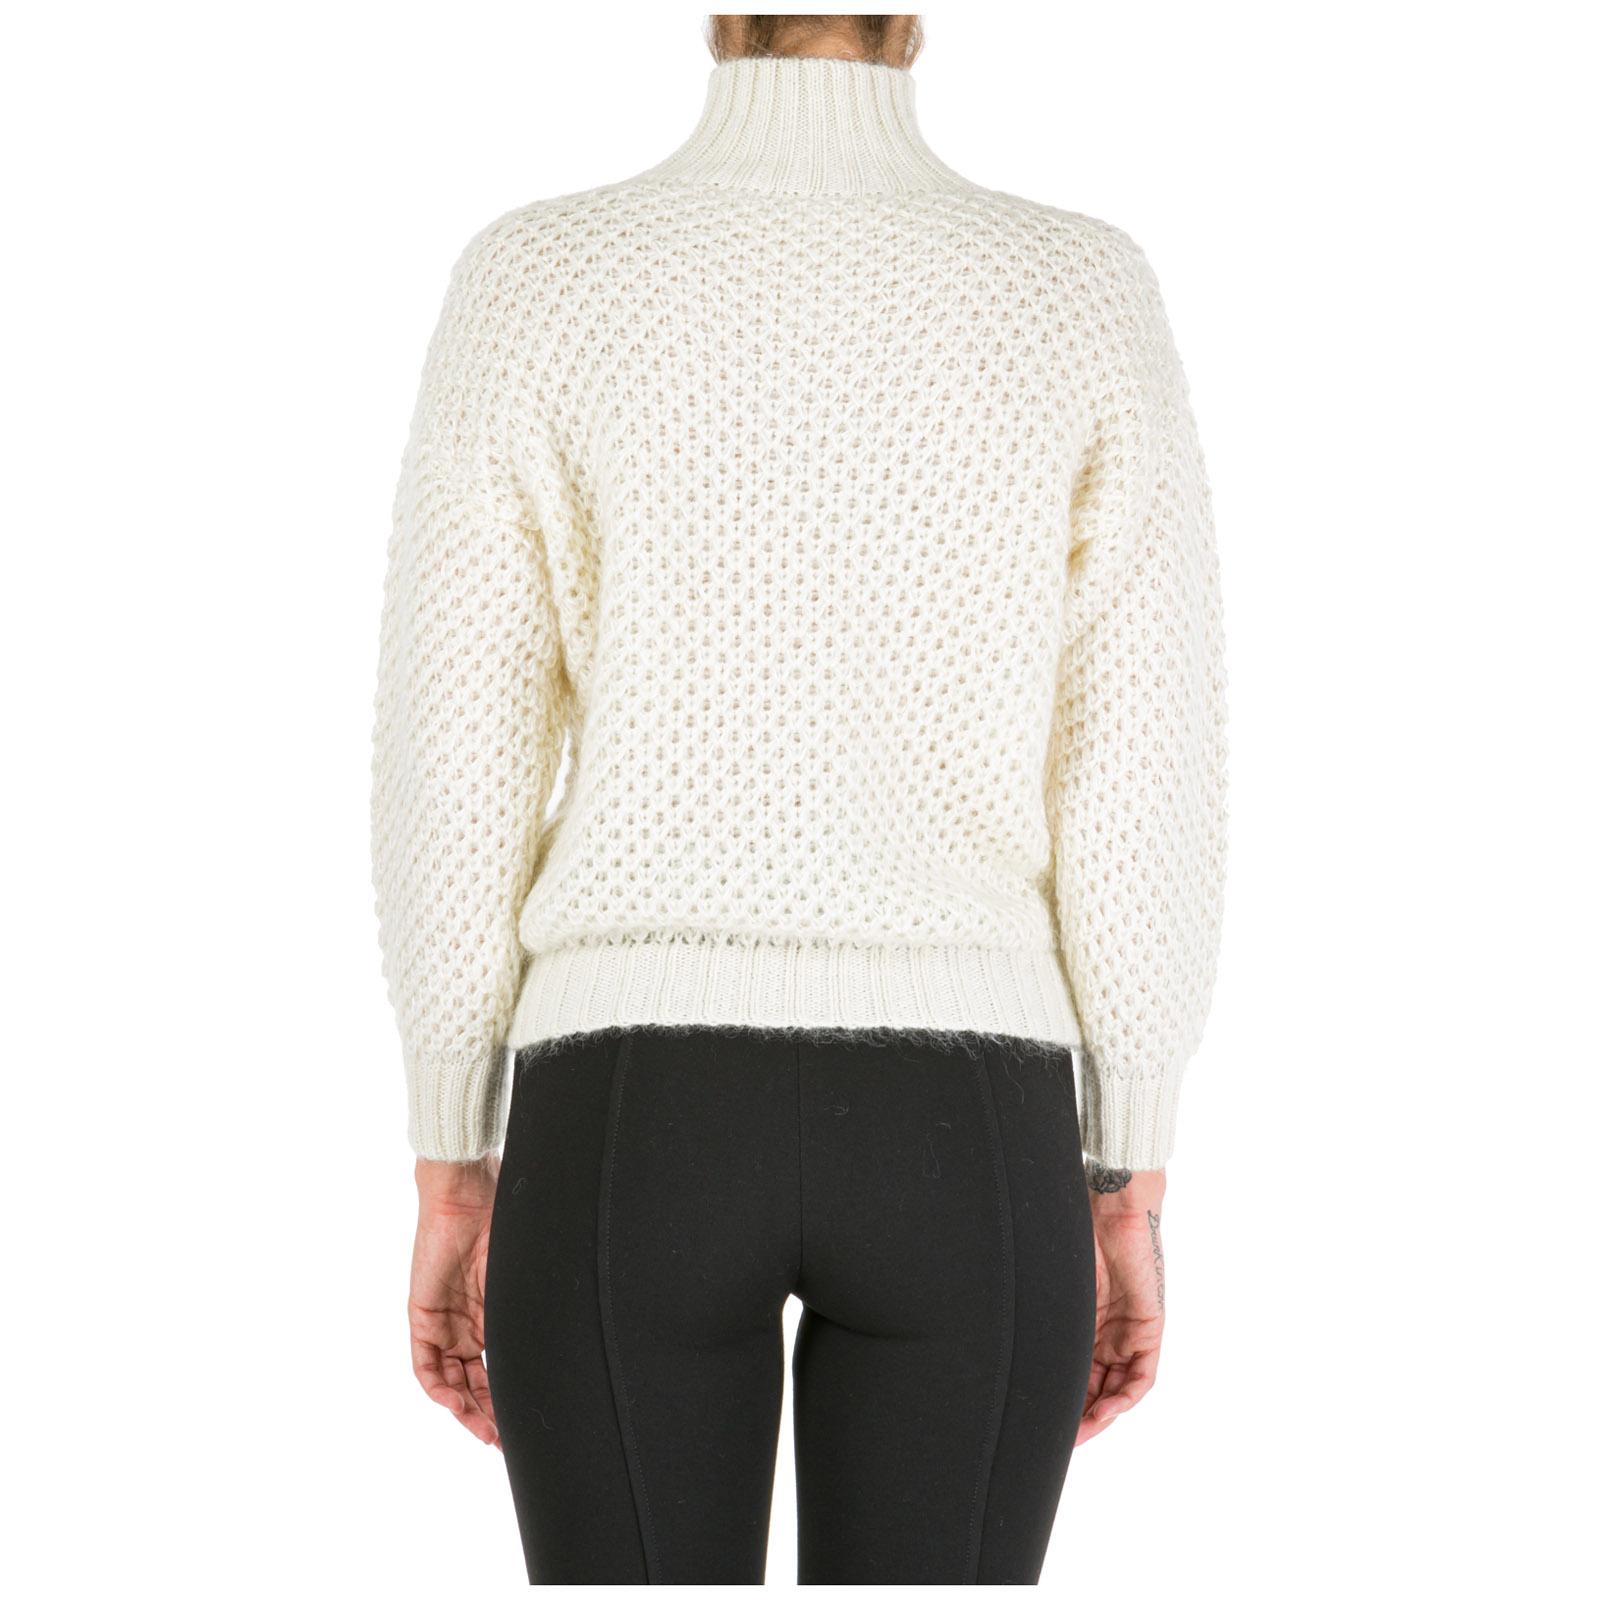 Women's jumper sweater turtle neck